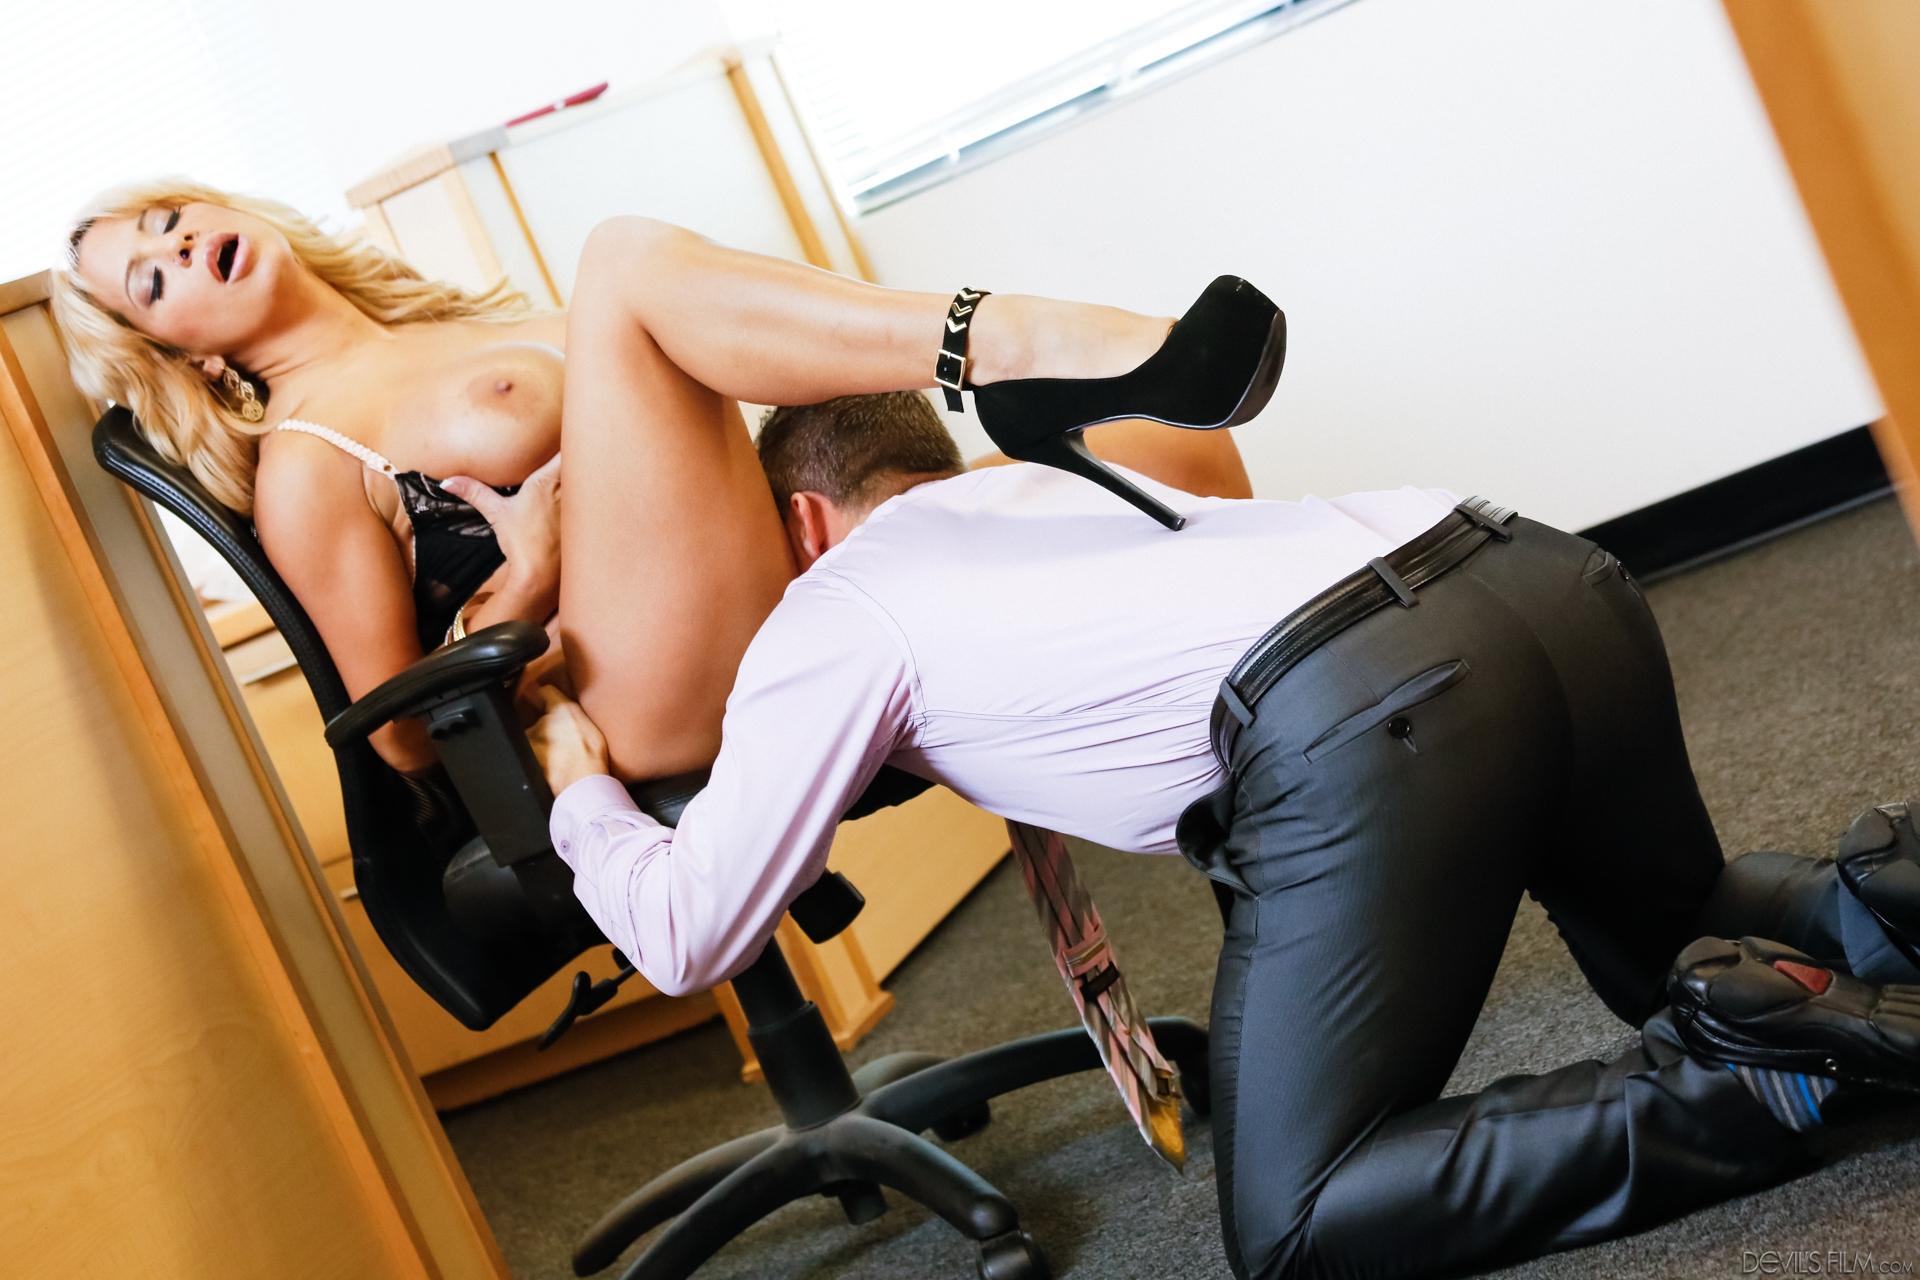 busty ole secretary milf going down on an executive #6